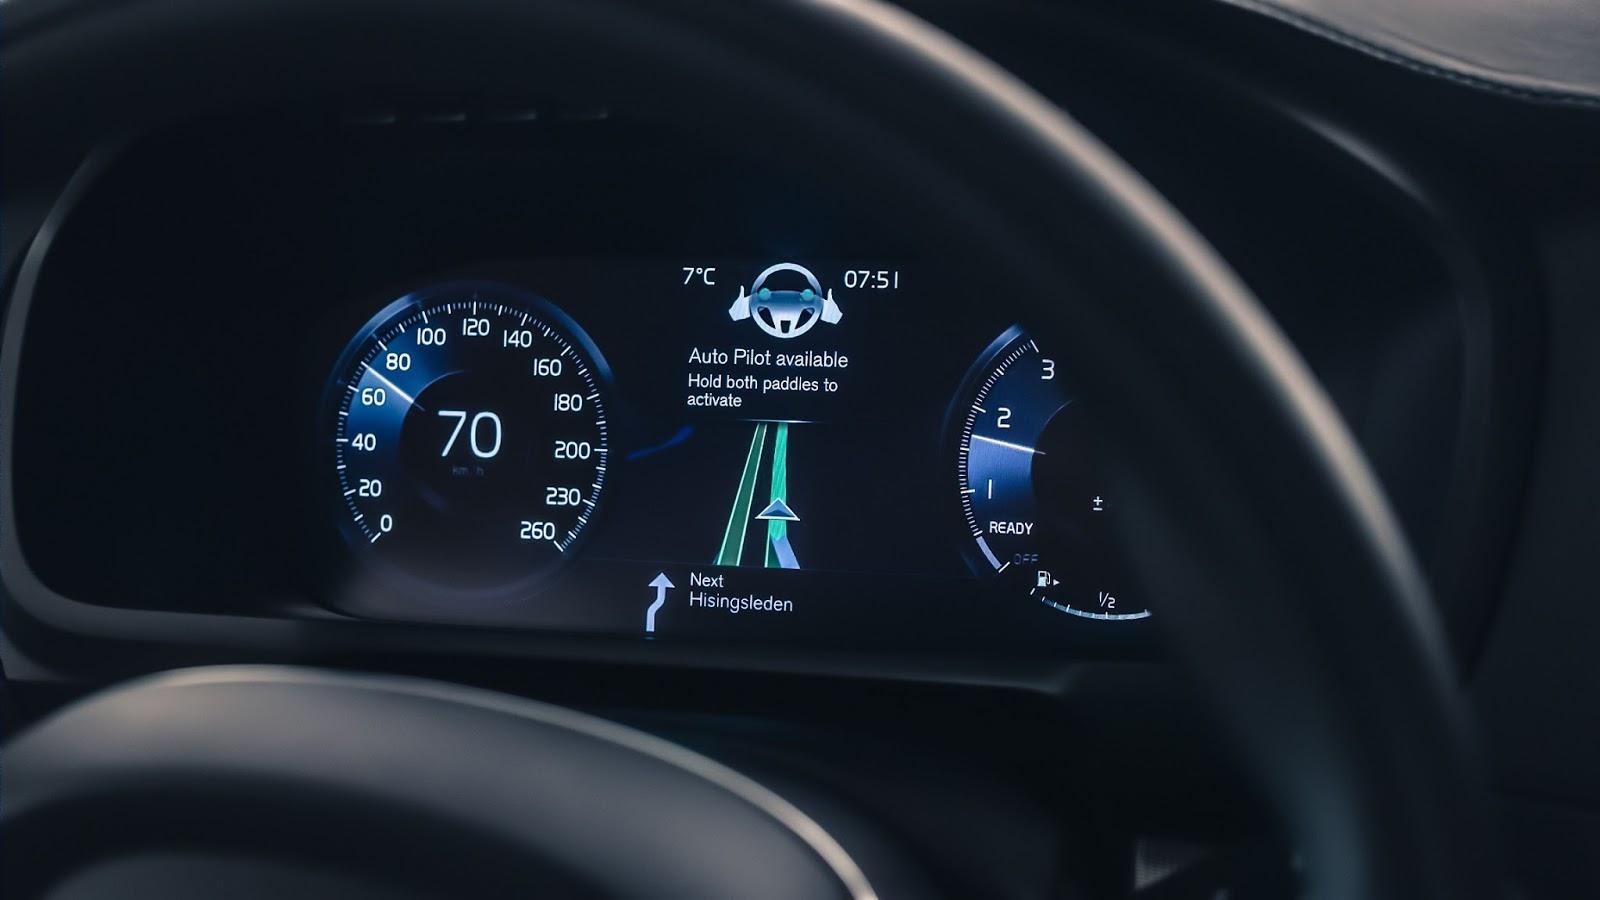 VOLVO AUTO%2BPILOT%2BINTELLISAFE 4 Το 2017 η Volvo θα βγάλει στο δρόμο 100 αυτόνομα αυτοκίνητα